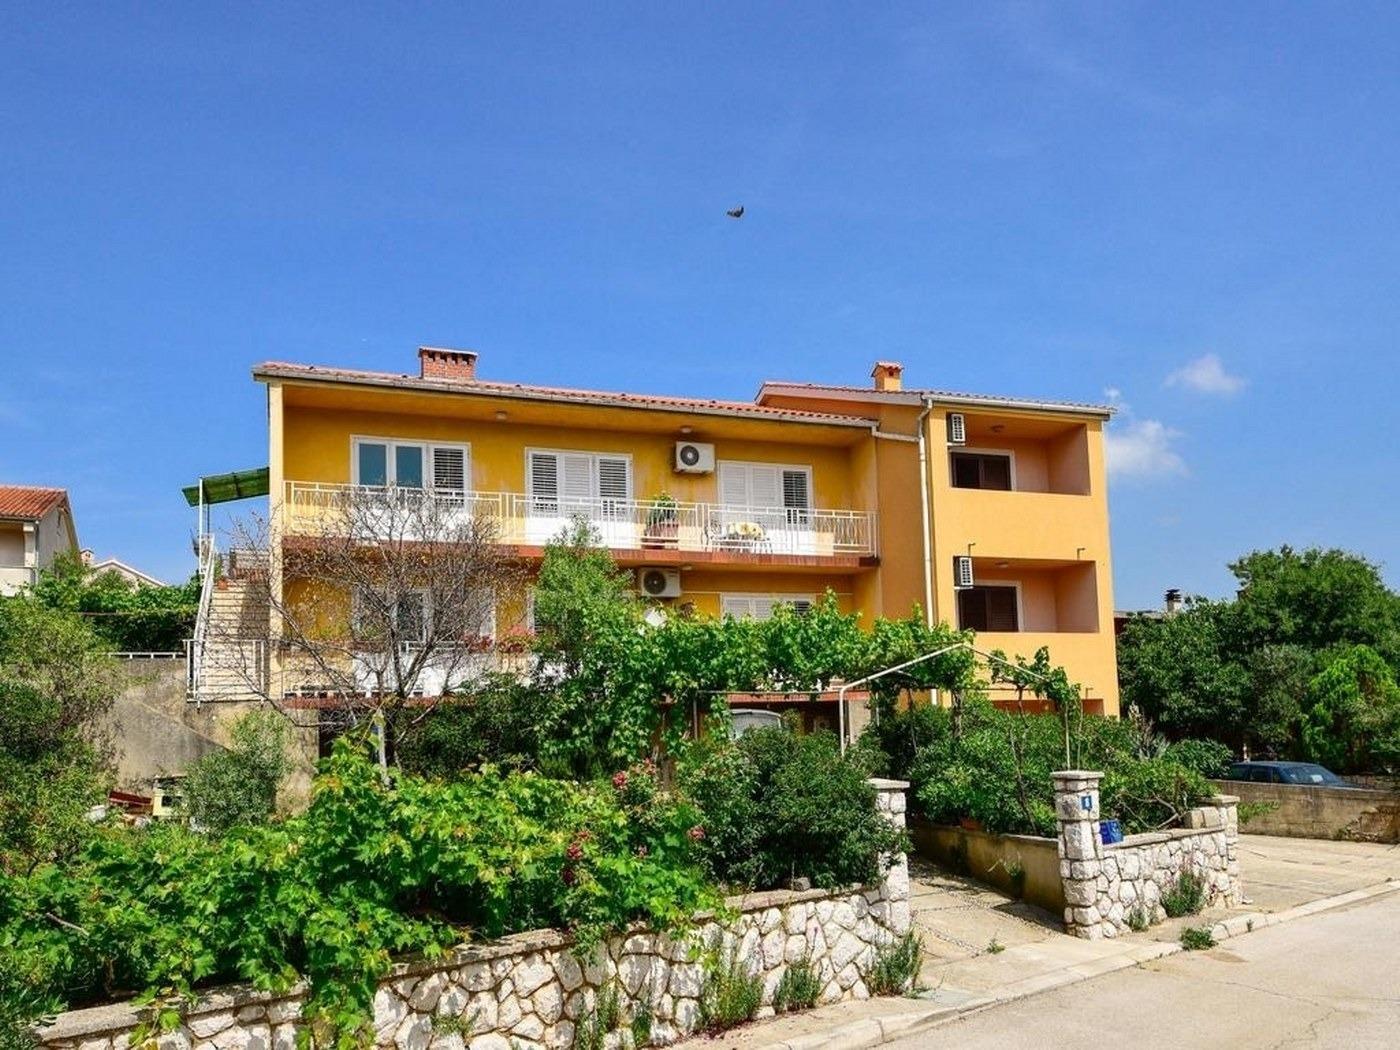 Appartement de vacances Marija A1(2+1) Prizemlje - Cres (739199), Cres (Stadt), Île de Cres, Kvarner, Croatie, image 2